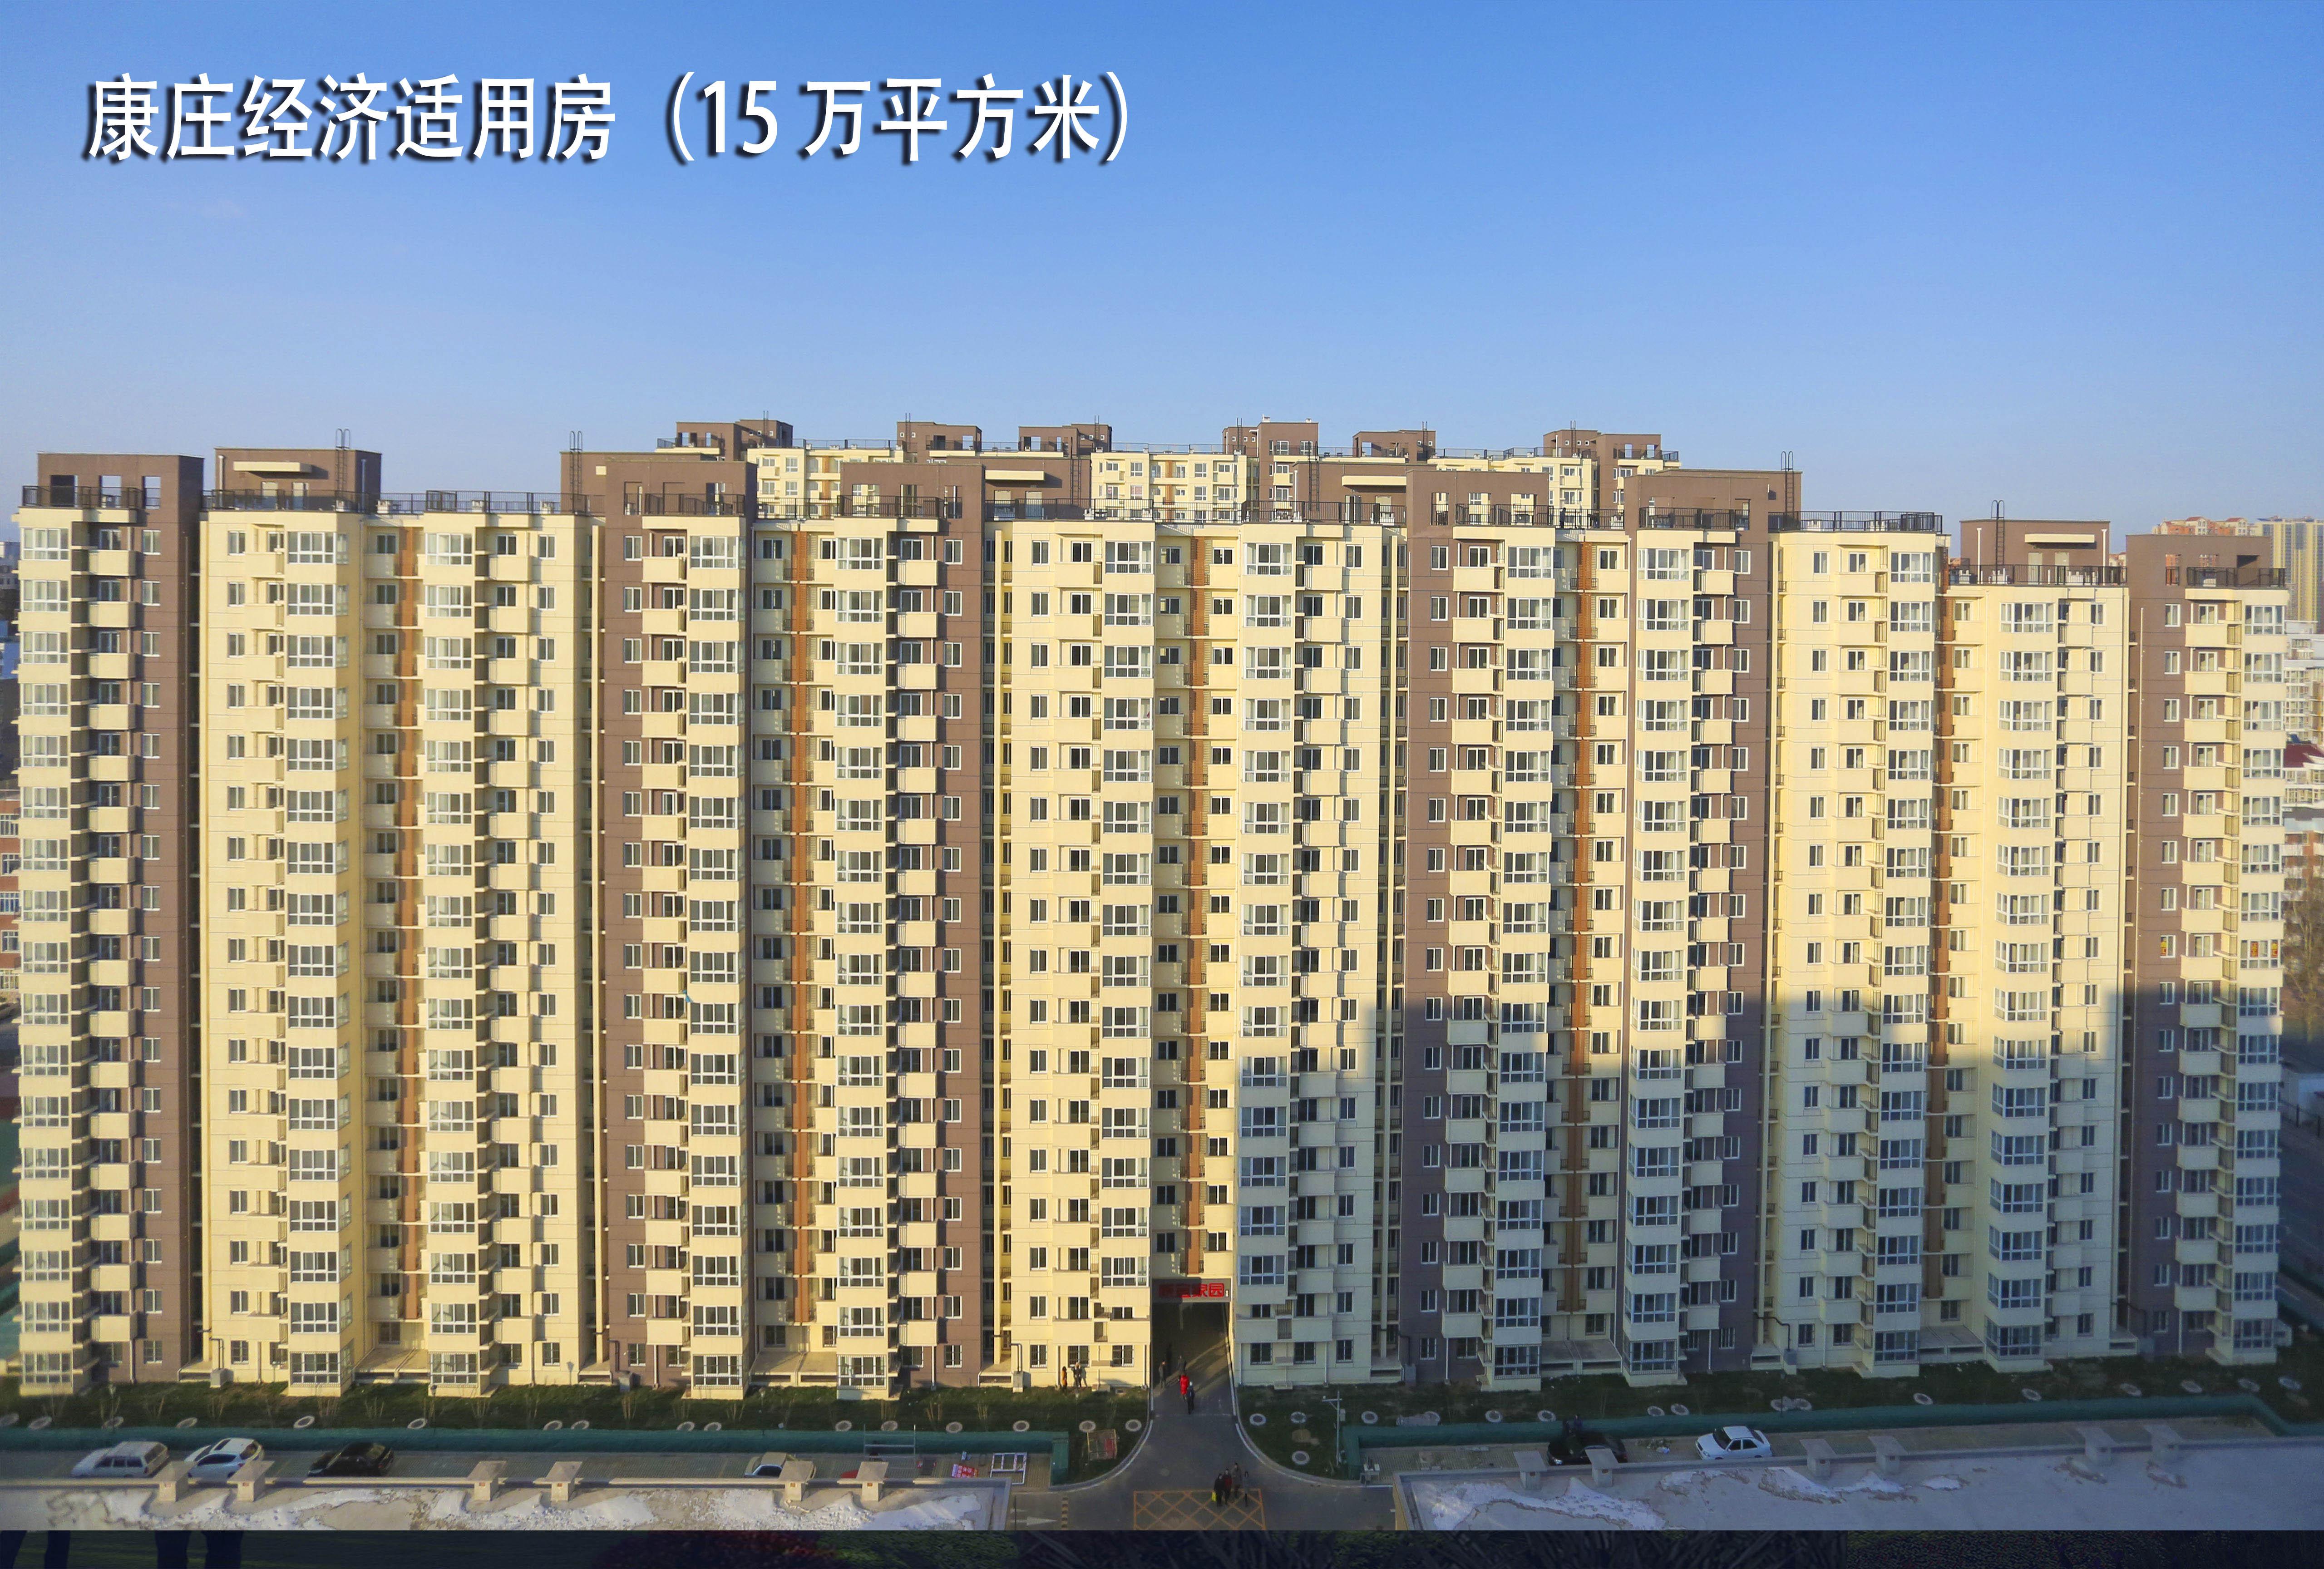 康莊經濟適用房(15 萬平方米)